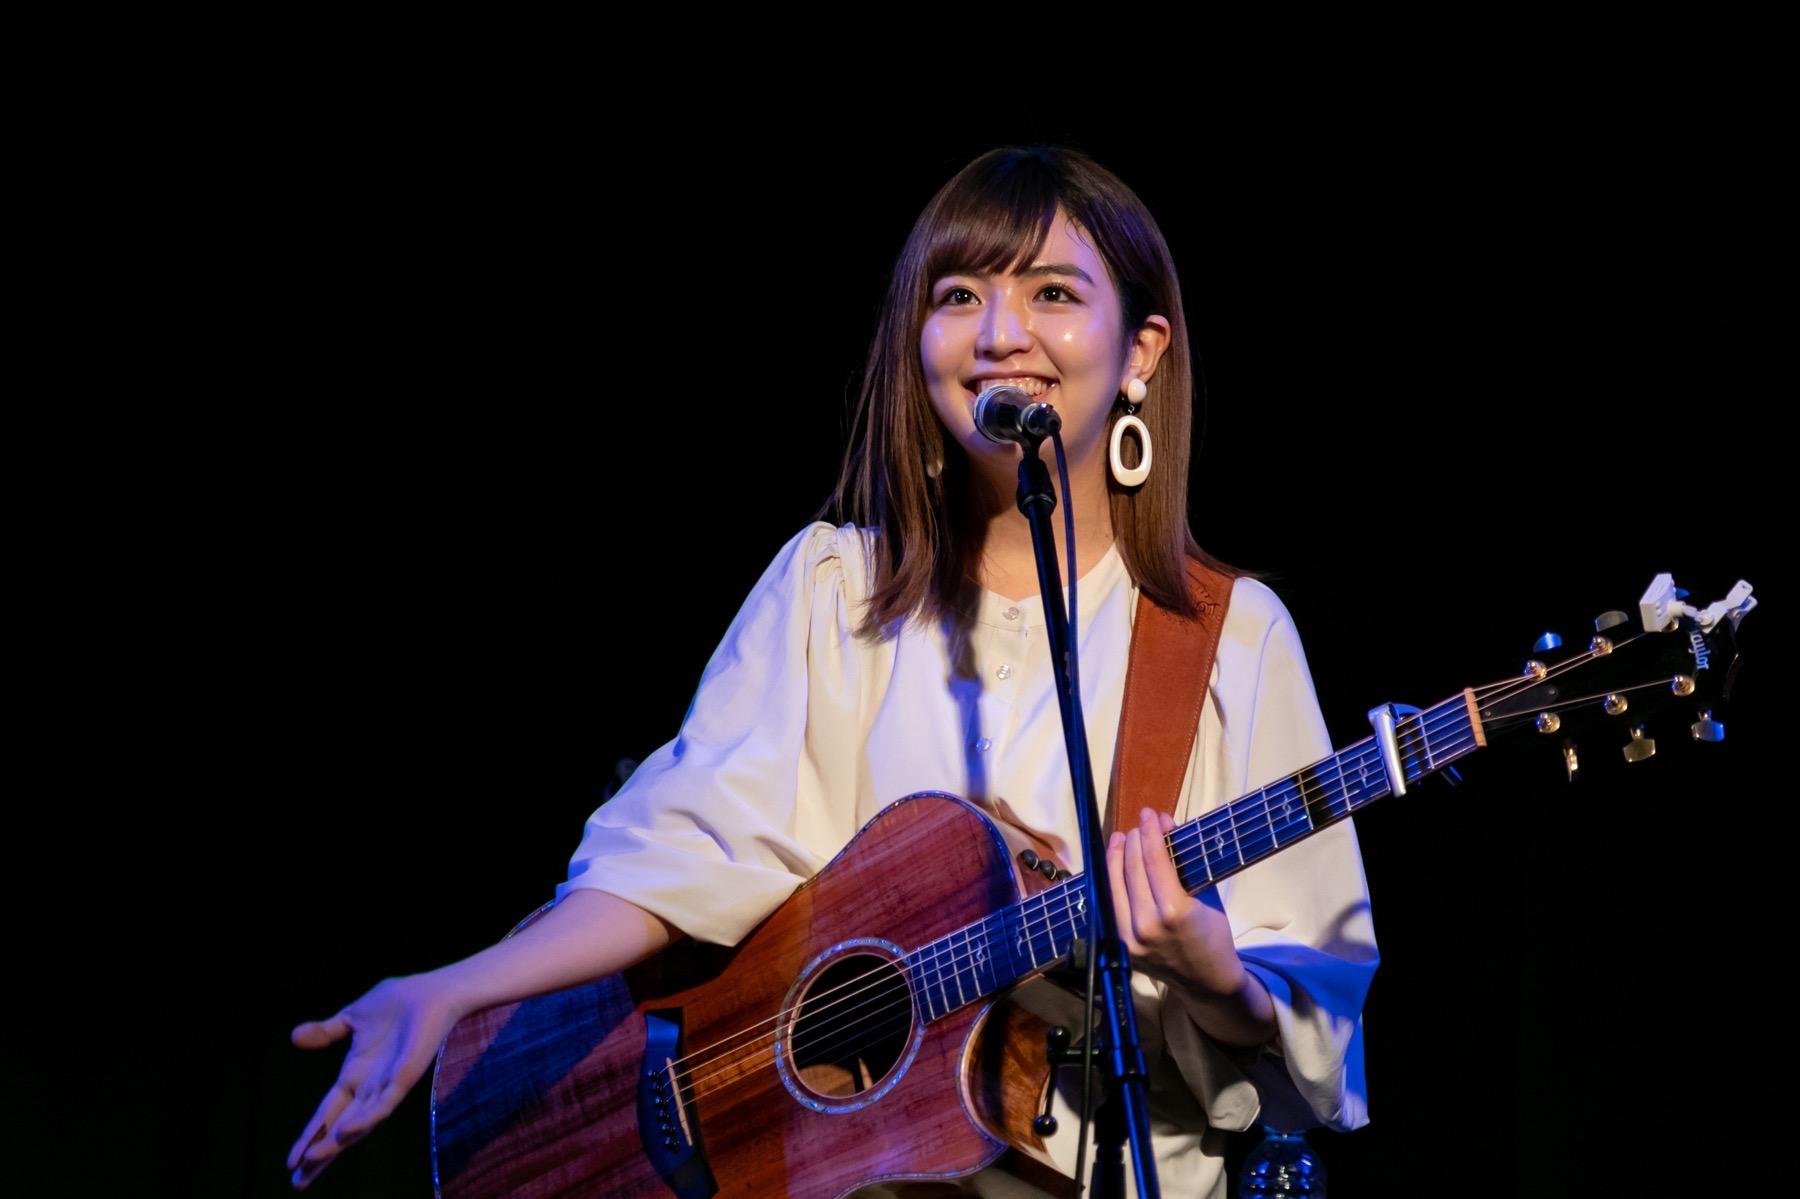 武田舞彩、新曲「もすきーと」